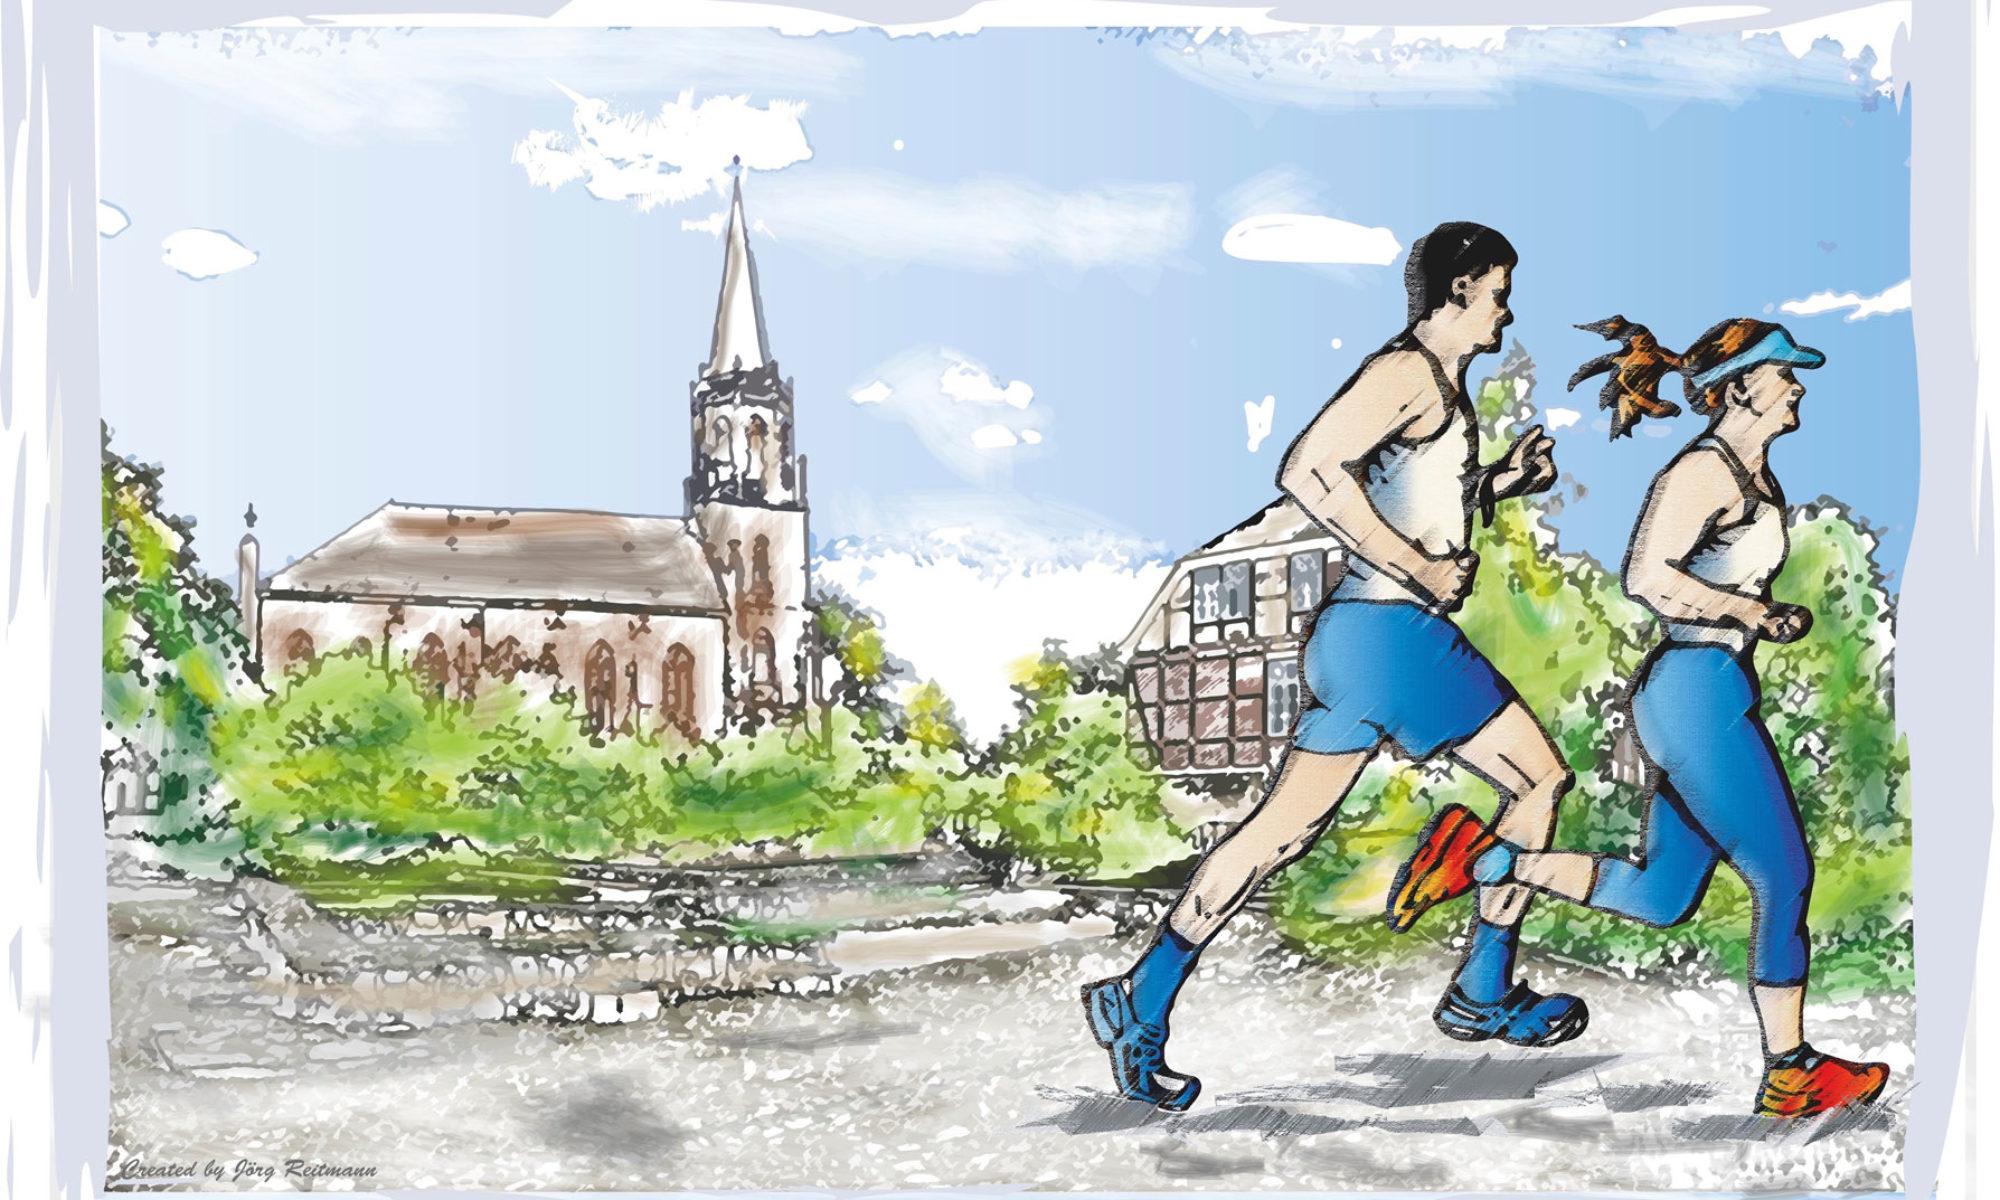 3. 6-Stundenlauf im Klosterpark Harsefeld am 25.11.2017